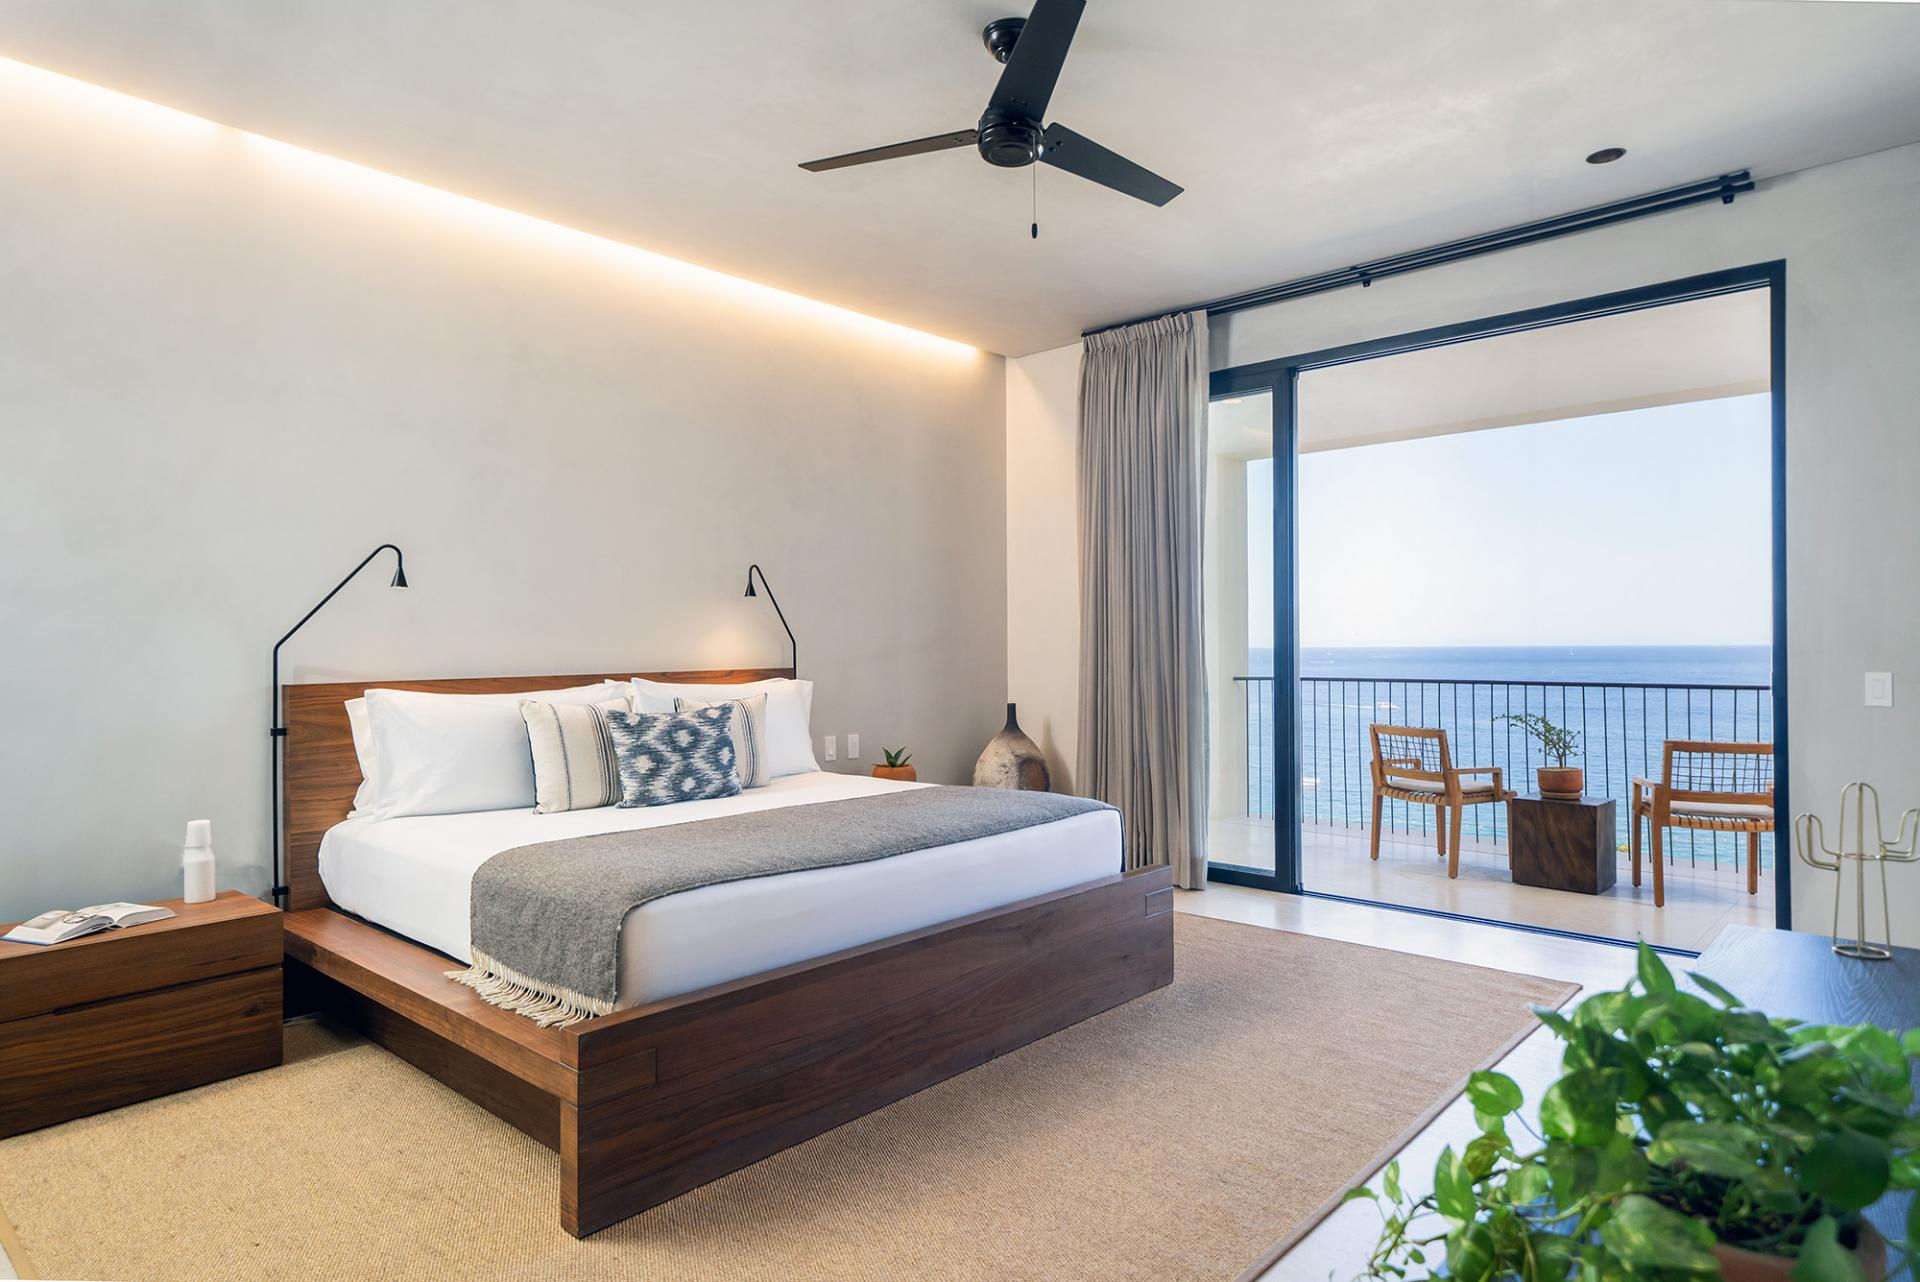 One Bedroom Ocean View Home Bedroom